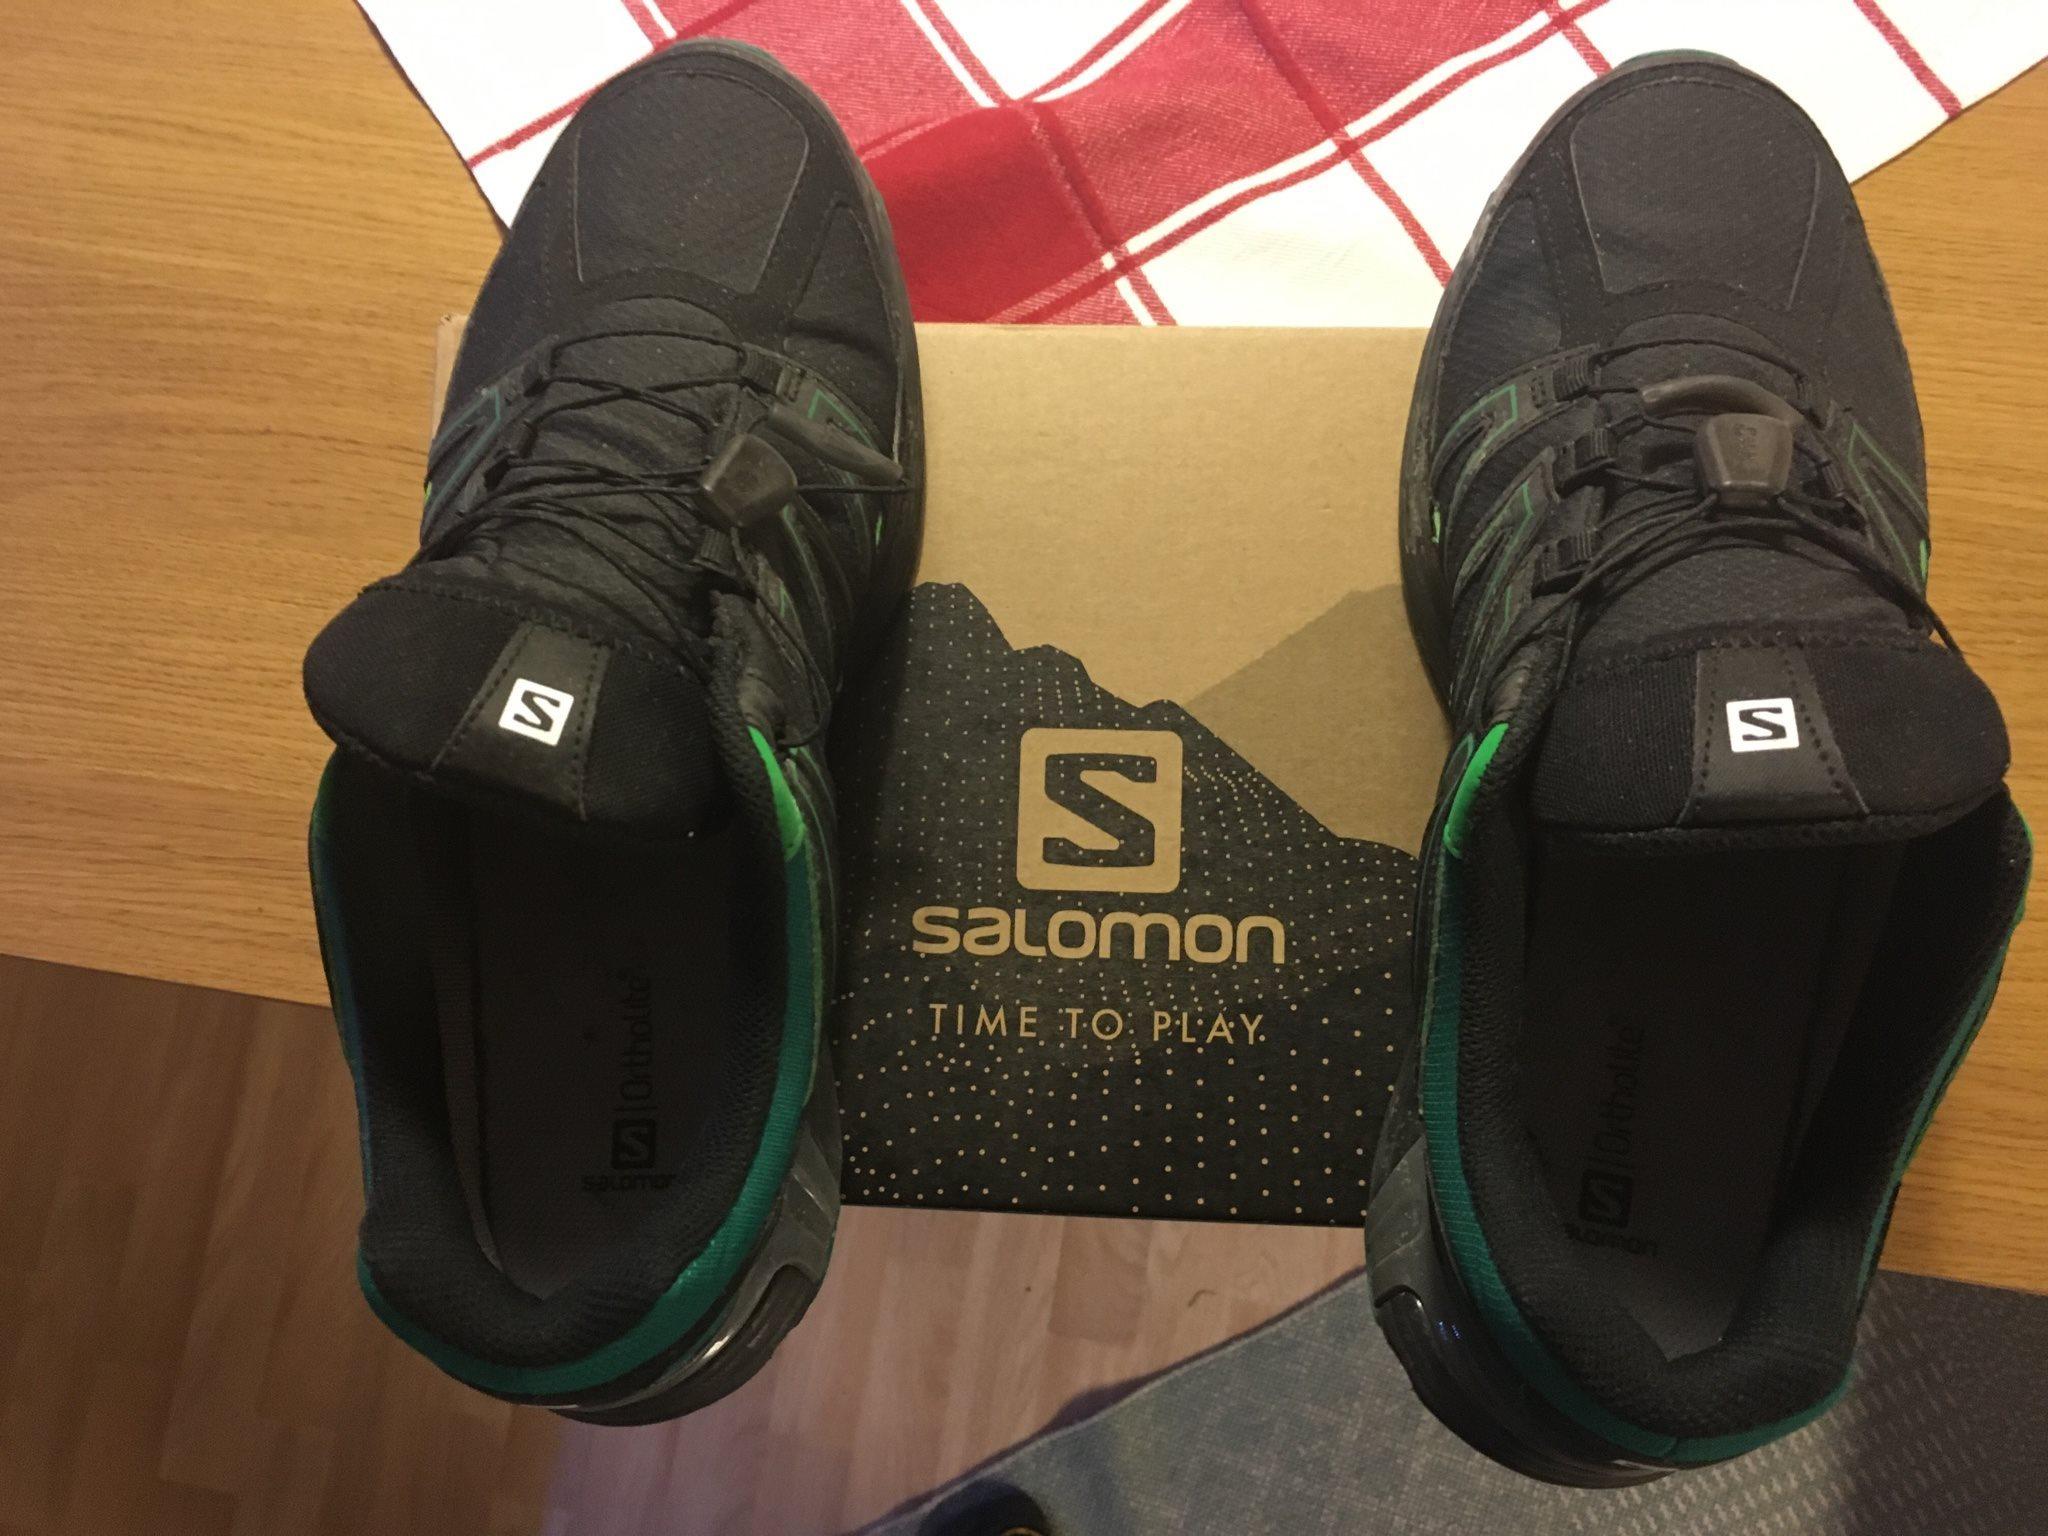 Salomon goretex skor (334541709) ᐈ Köp på Tradera 23992034e368b